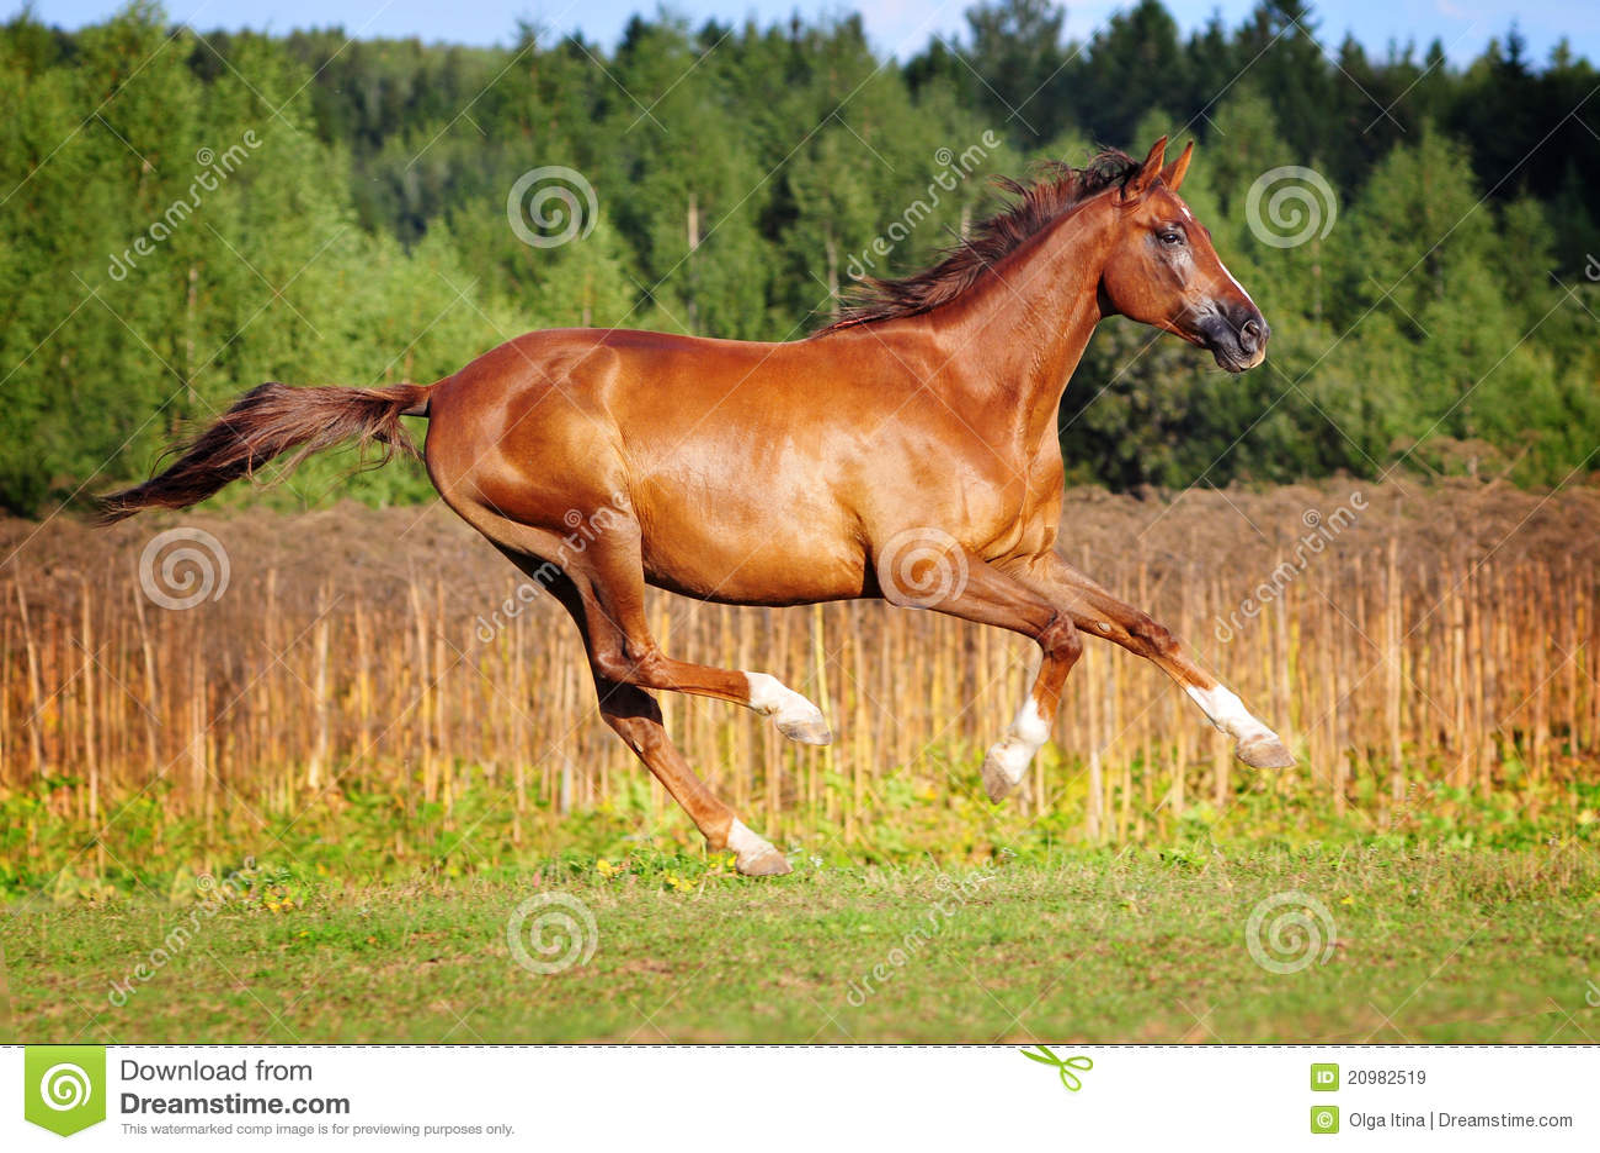 Chestnut Horse Royalty Free Stock Images - Image: 20982519 - photo#17